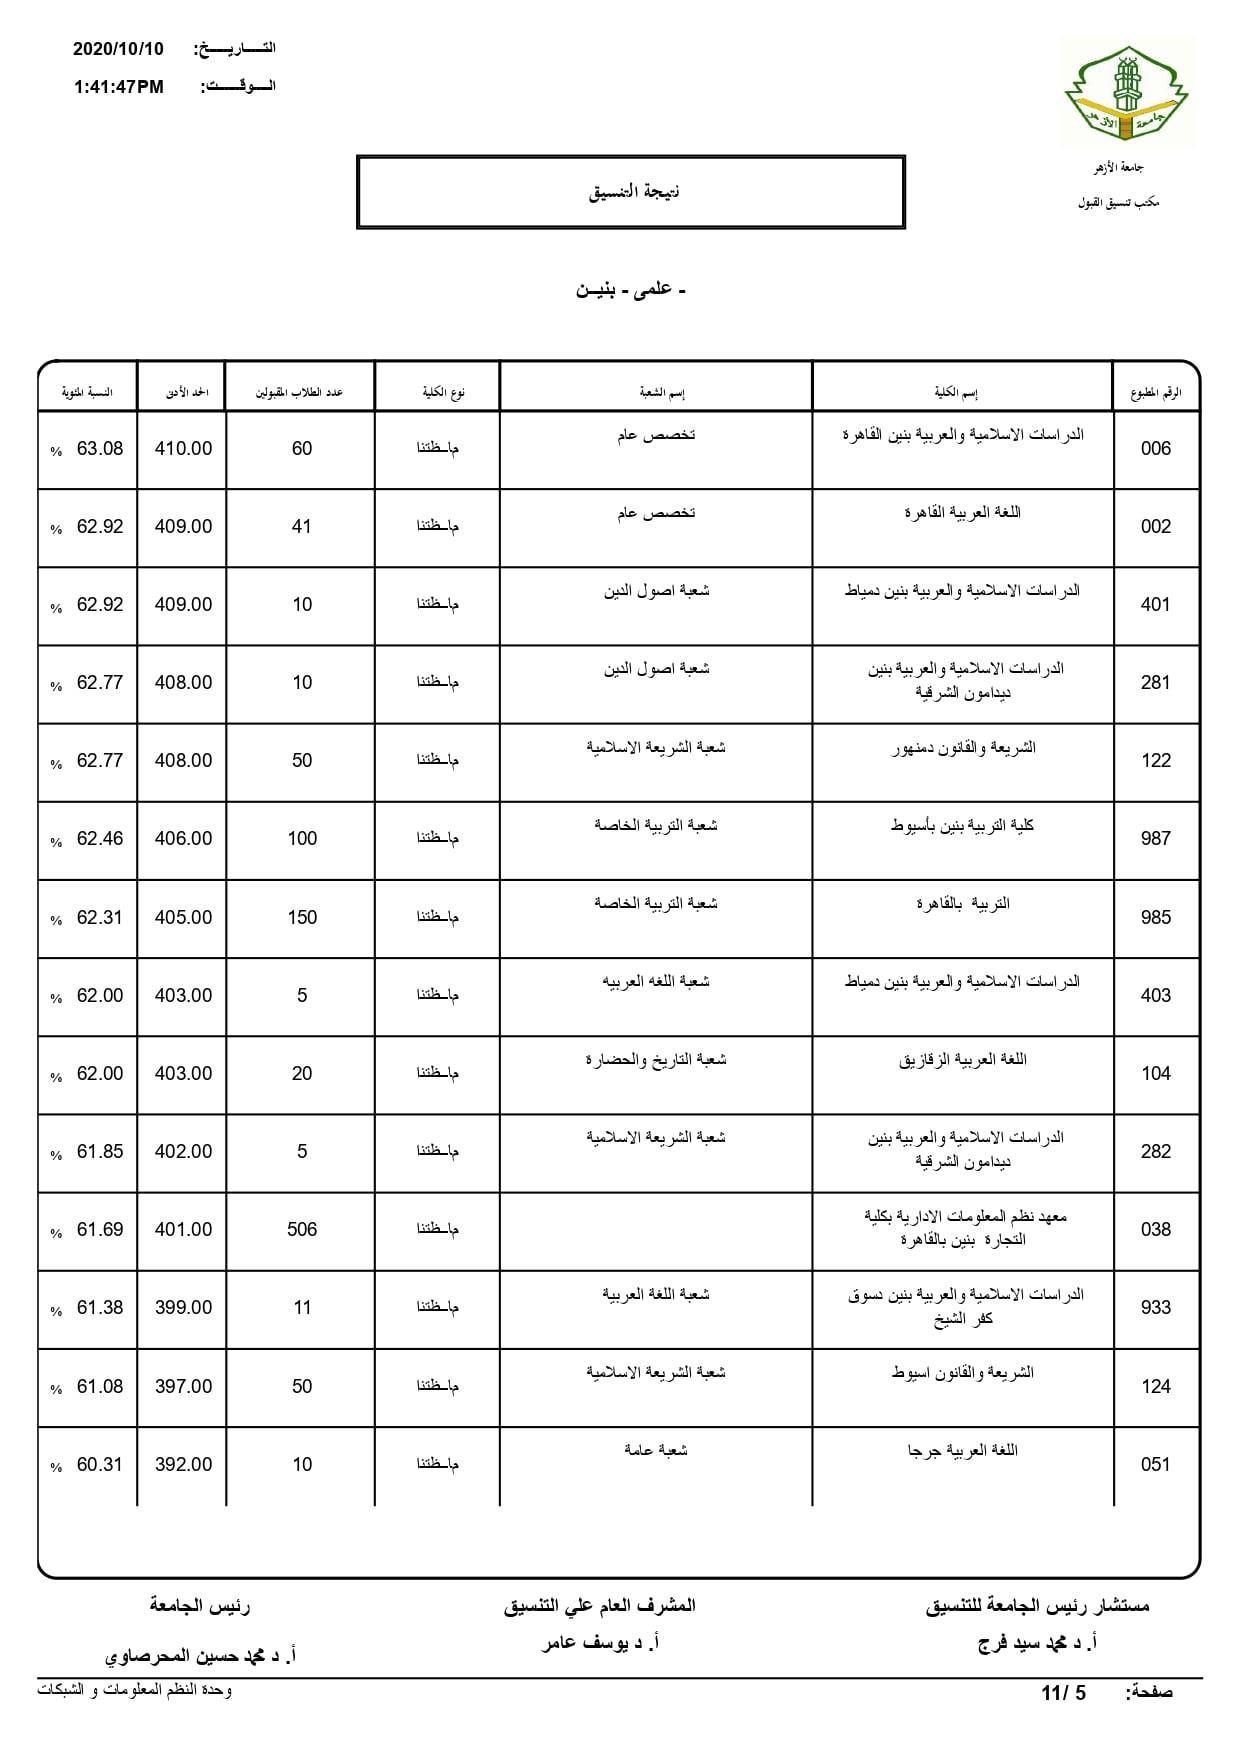 نتيجة تنسيق كليات جامعة الأزهر لعام 2020 بالكامل 20201010200743248